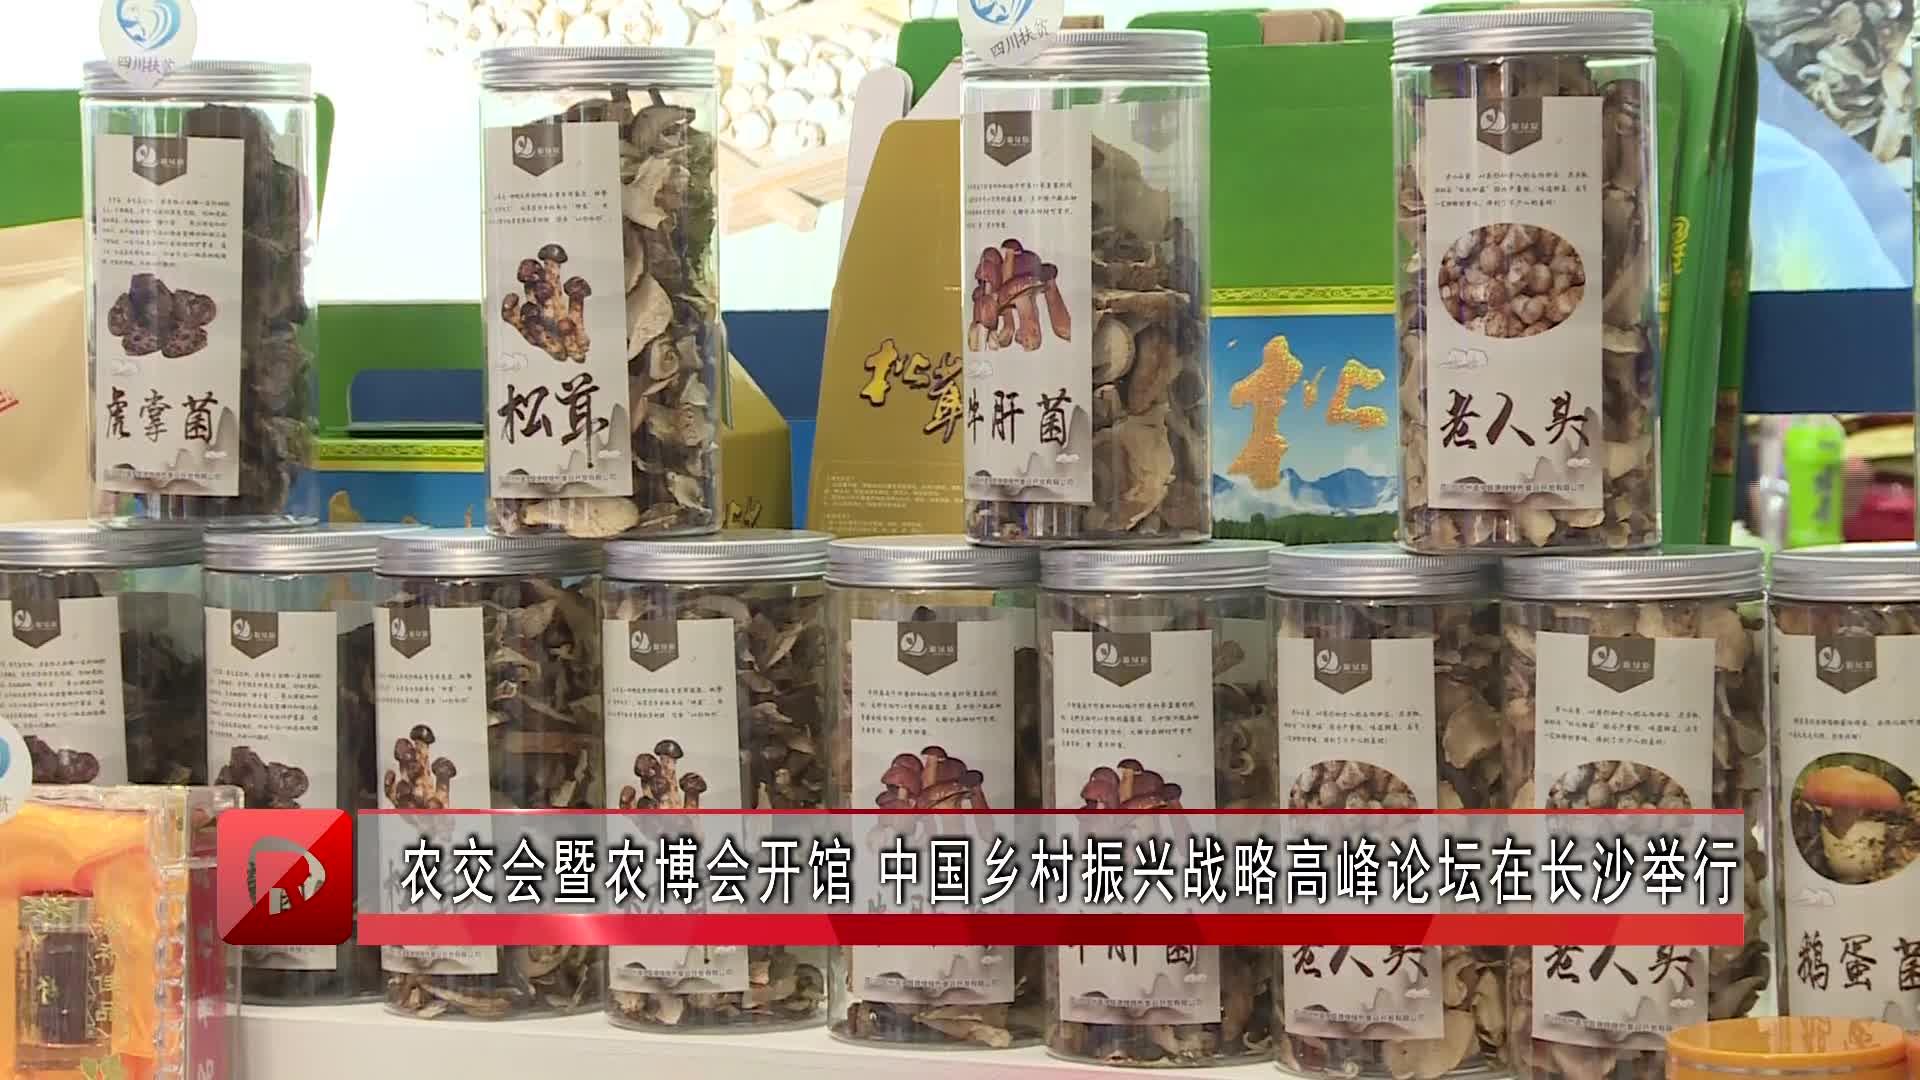 农交会暨农博会开馆 中国乡村振兴战略高峰论坛在长沙举行